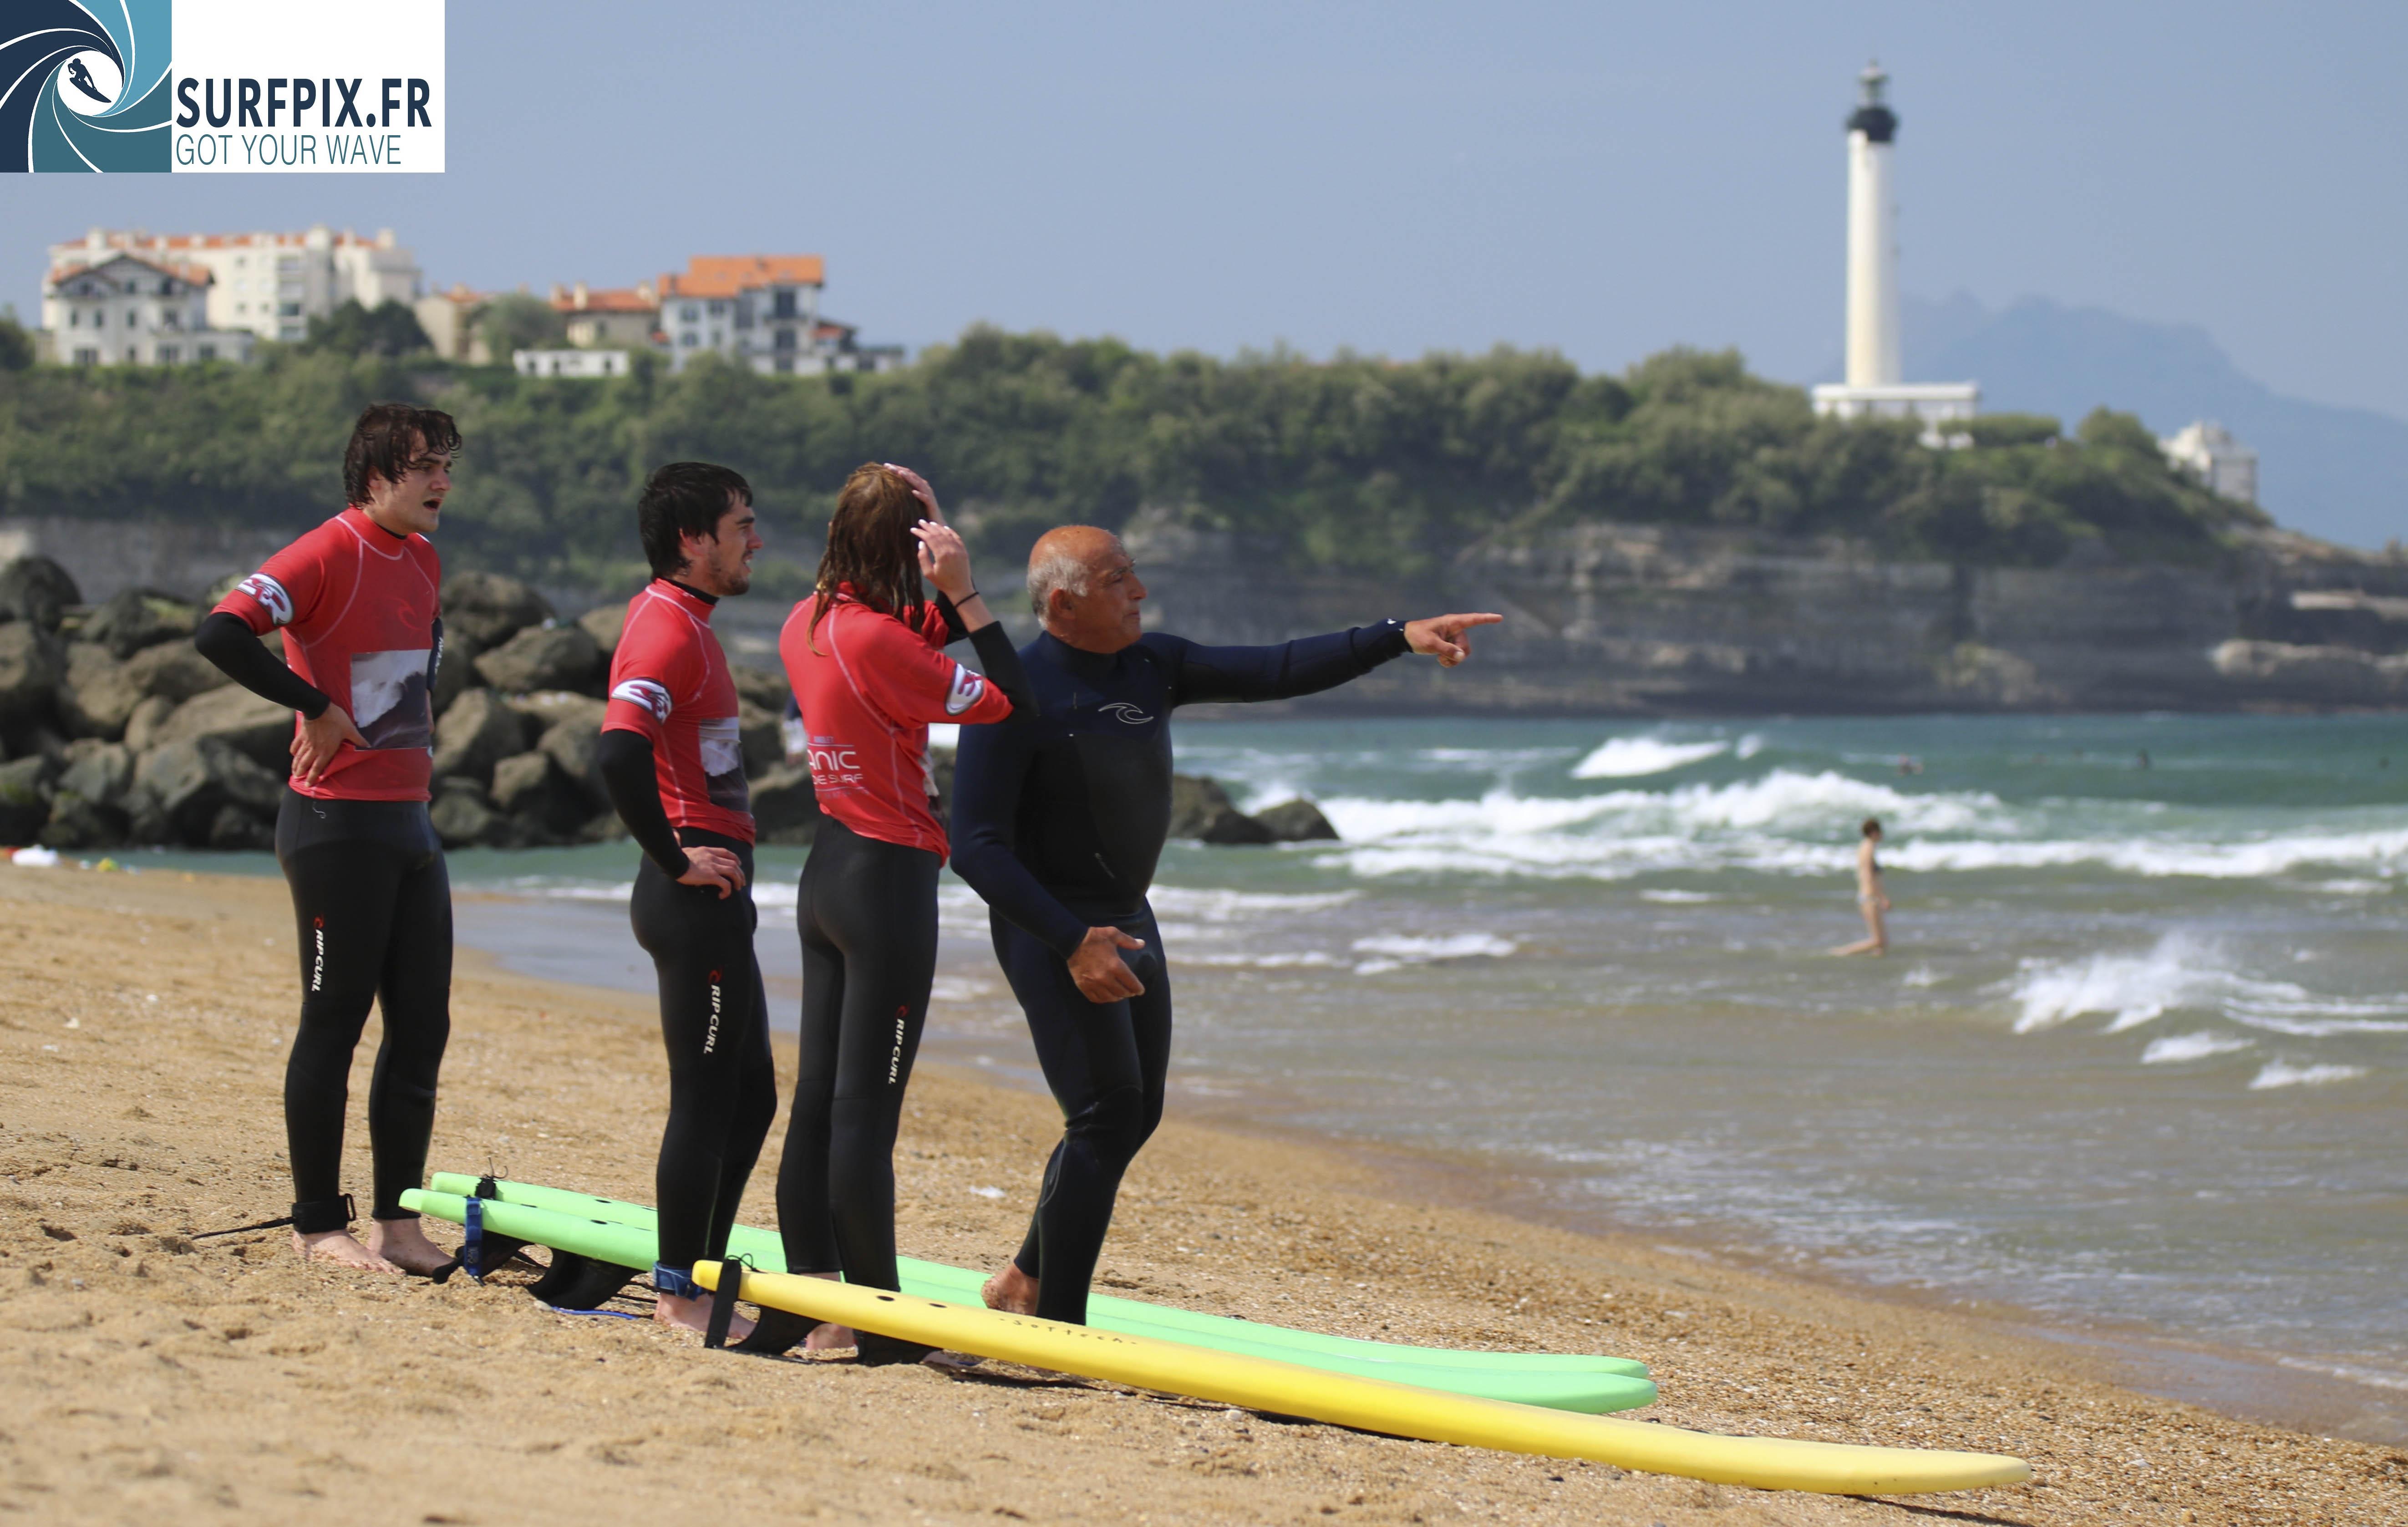 Apprenez à surfer - École de Surf - Anglet, Pays Basque